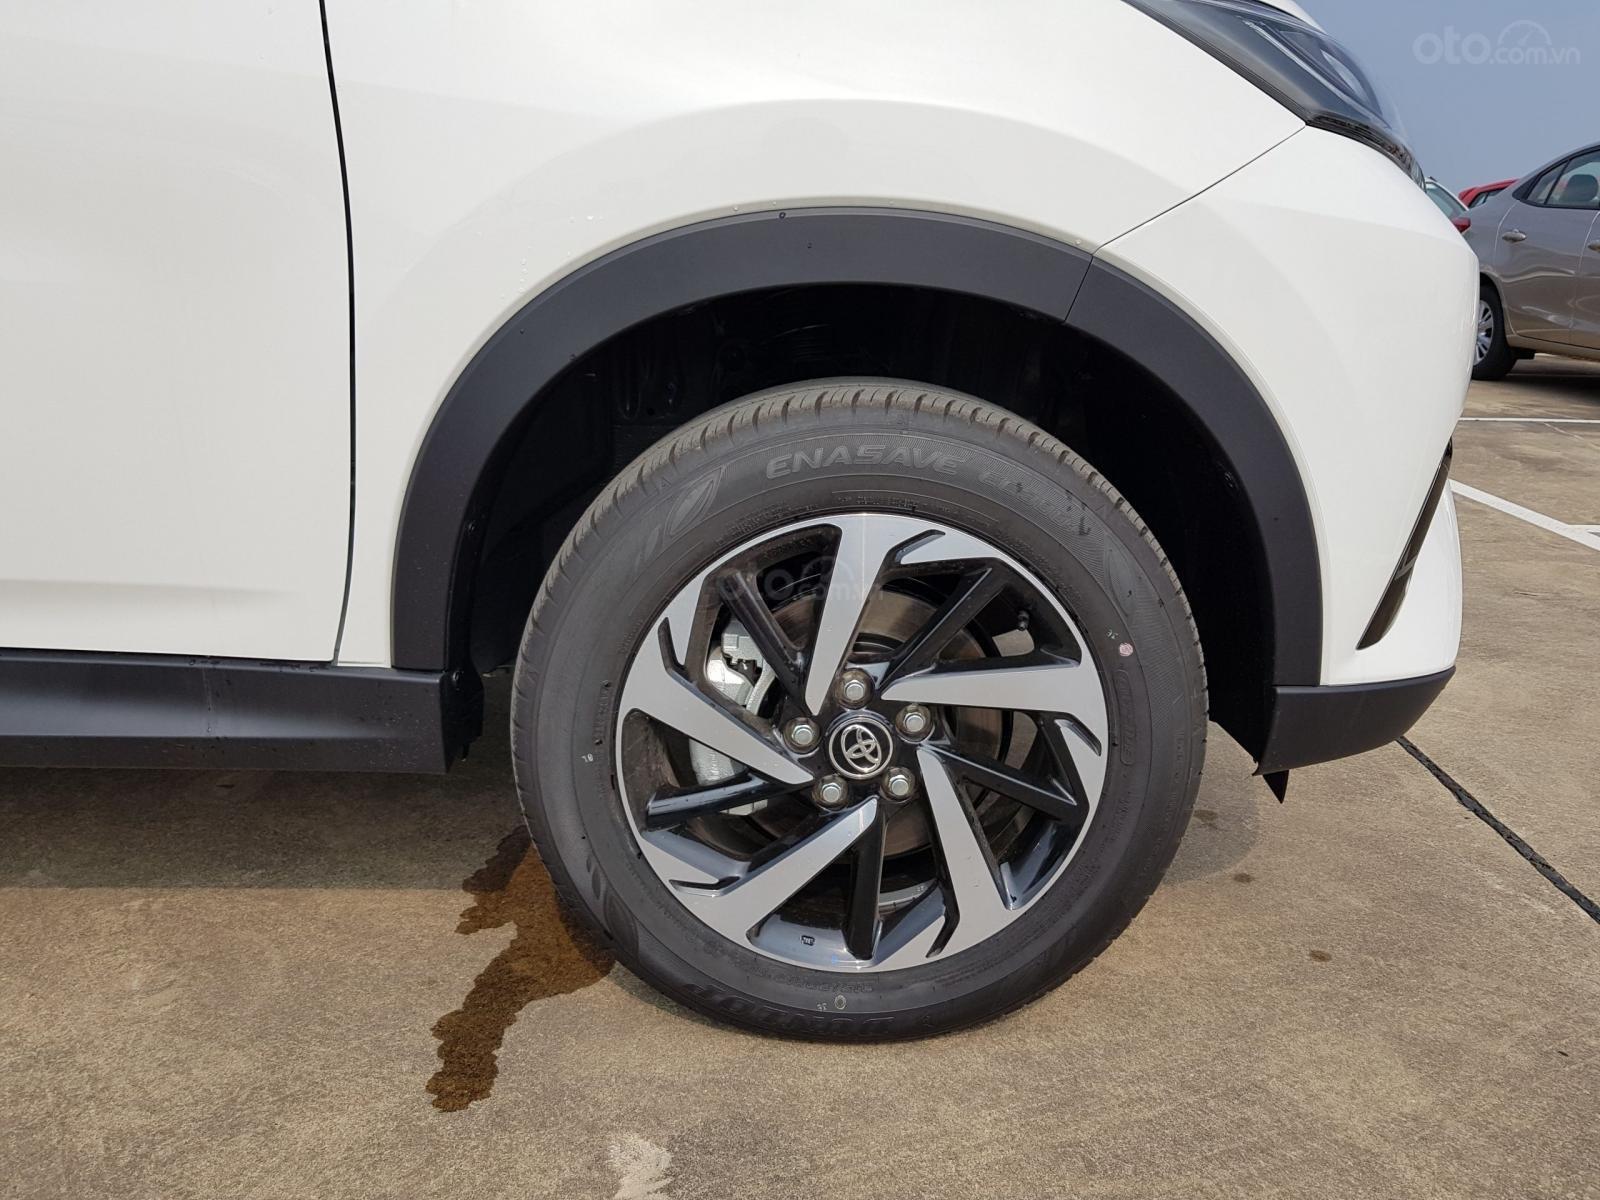 Toyota Vinh - Nghệ An: Bán xe Rush giá rẻ nhất Vinh Nghệ An, trả góp 80% lãi suất thấp (4)